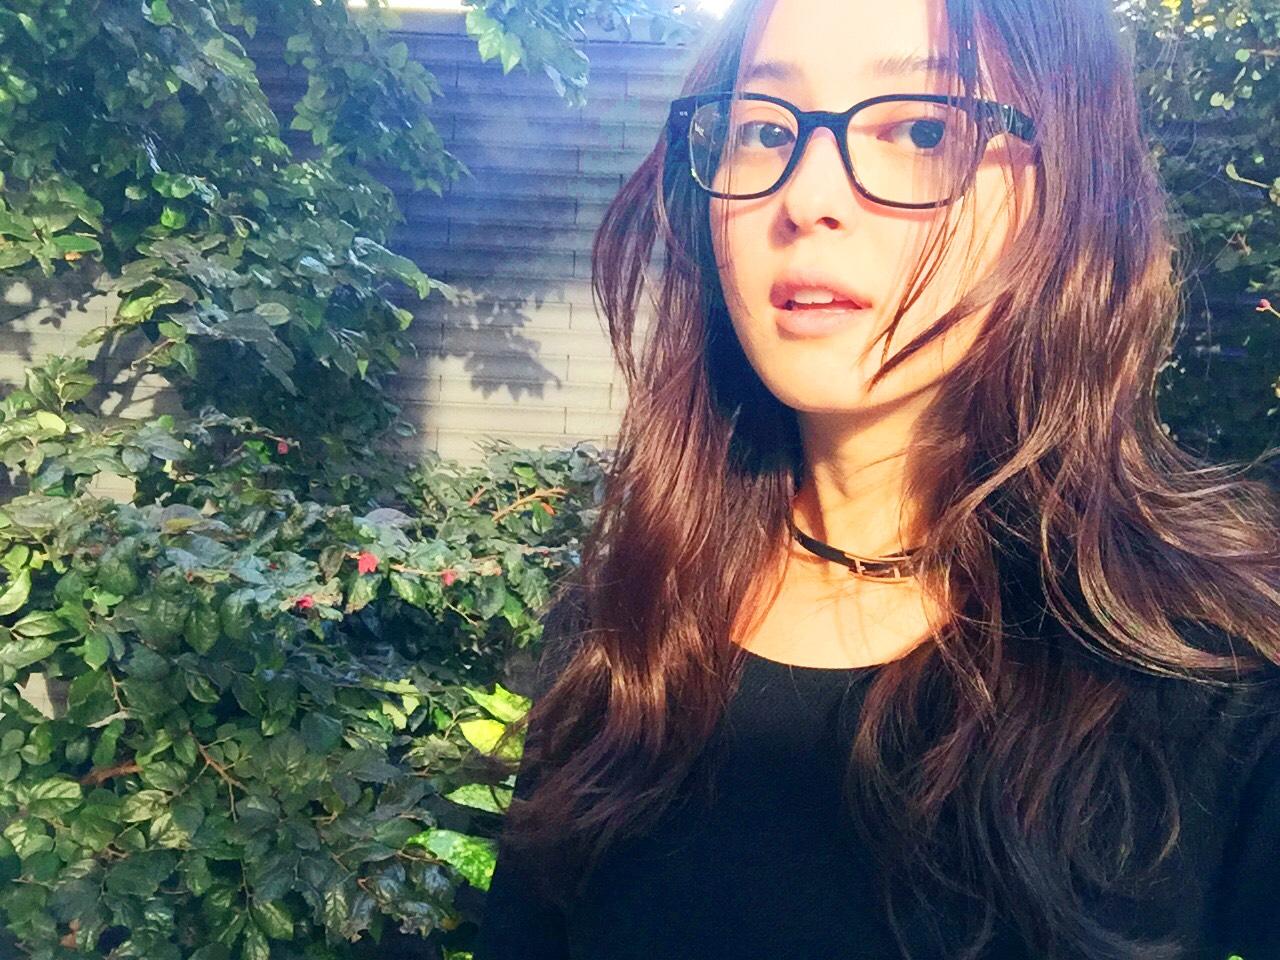 佐々木希のメガネ姿が可愛い!視力は悪い?それとも伊達メガネ?5